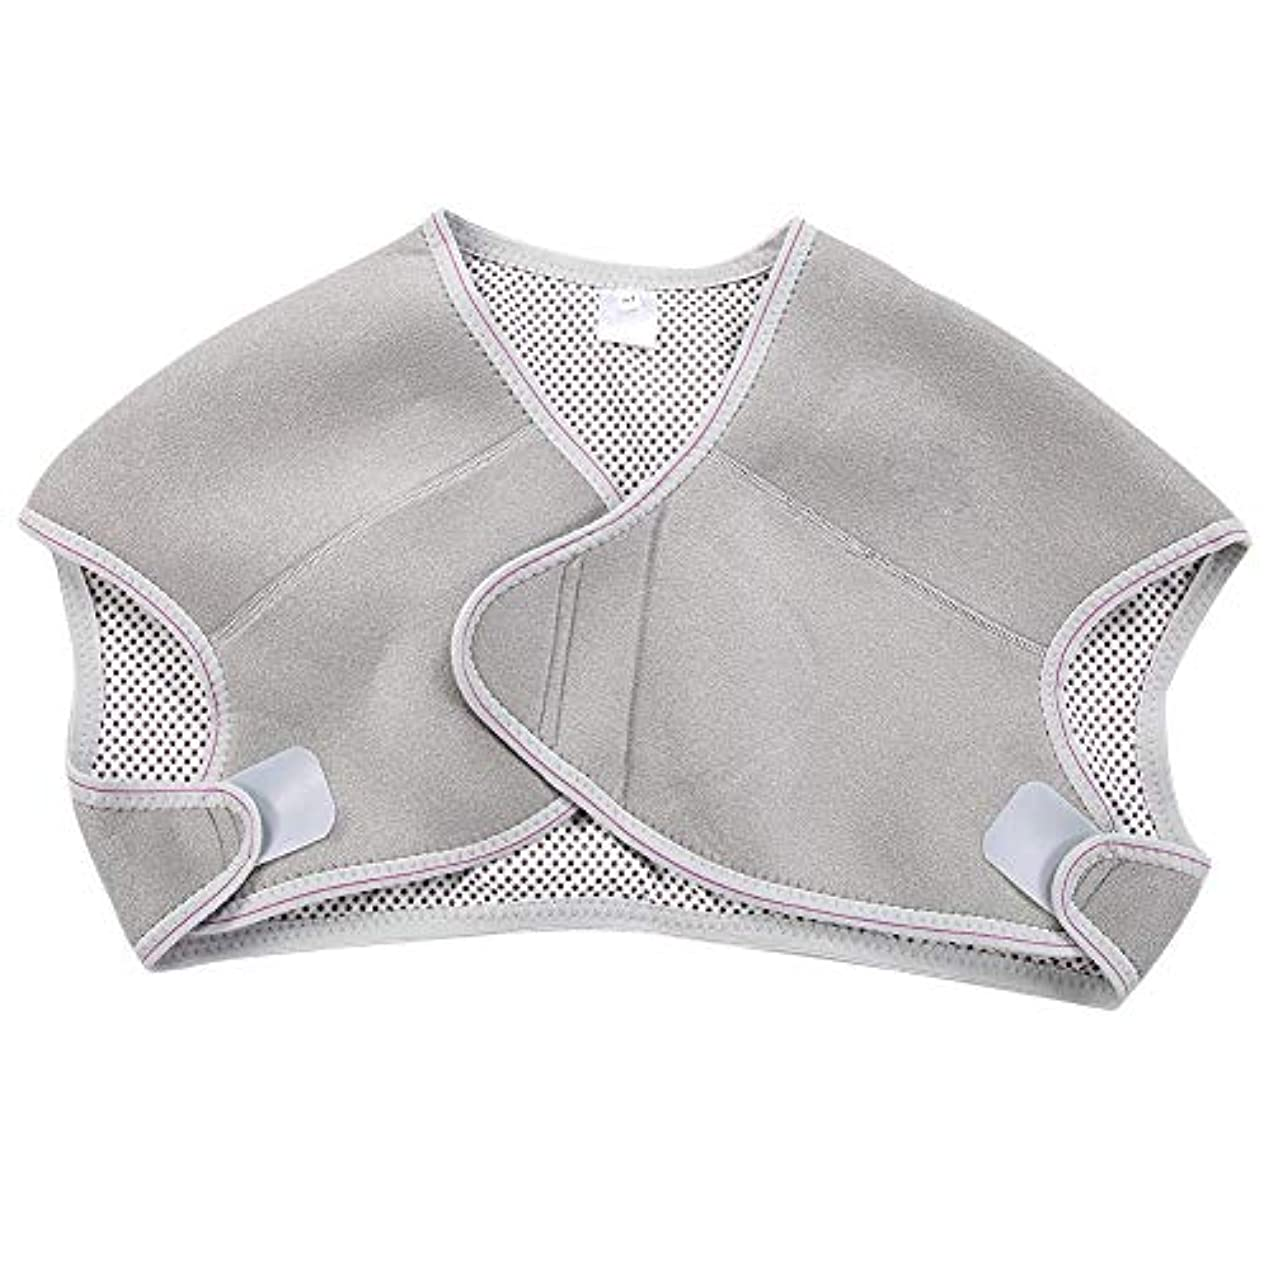 ドメイン頬骨ファンドTOPINCN 肩パッド 発熱療法磁気ショルダーパッド 肩 温め ホット 血行促進 ホット 痛み解消 着脱 簡単 男女兼用 調節可能 自己発熱(M)